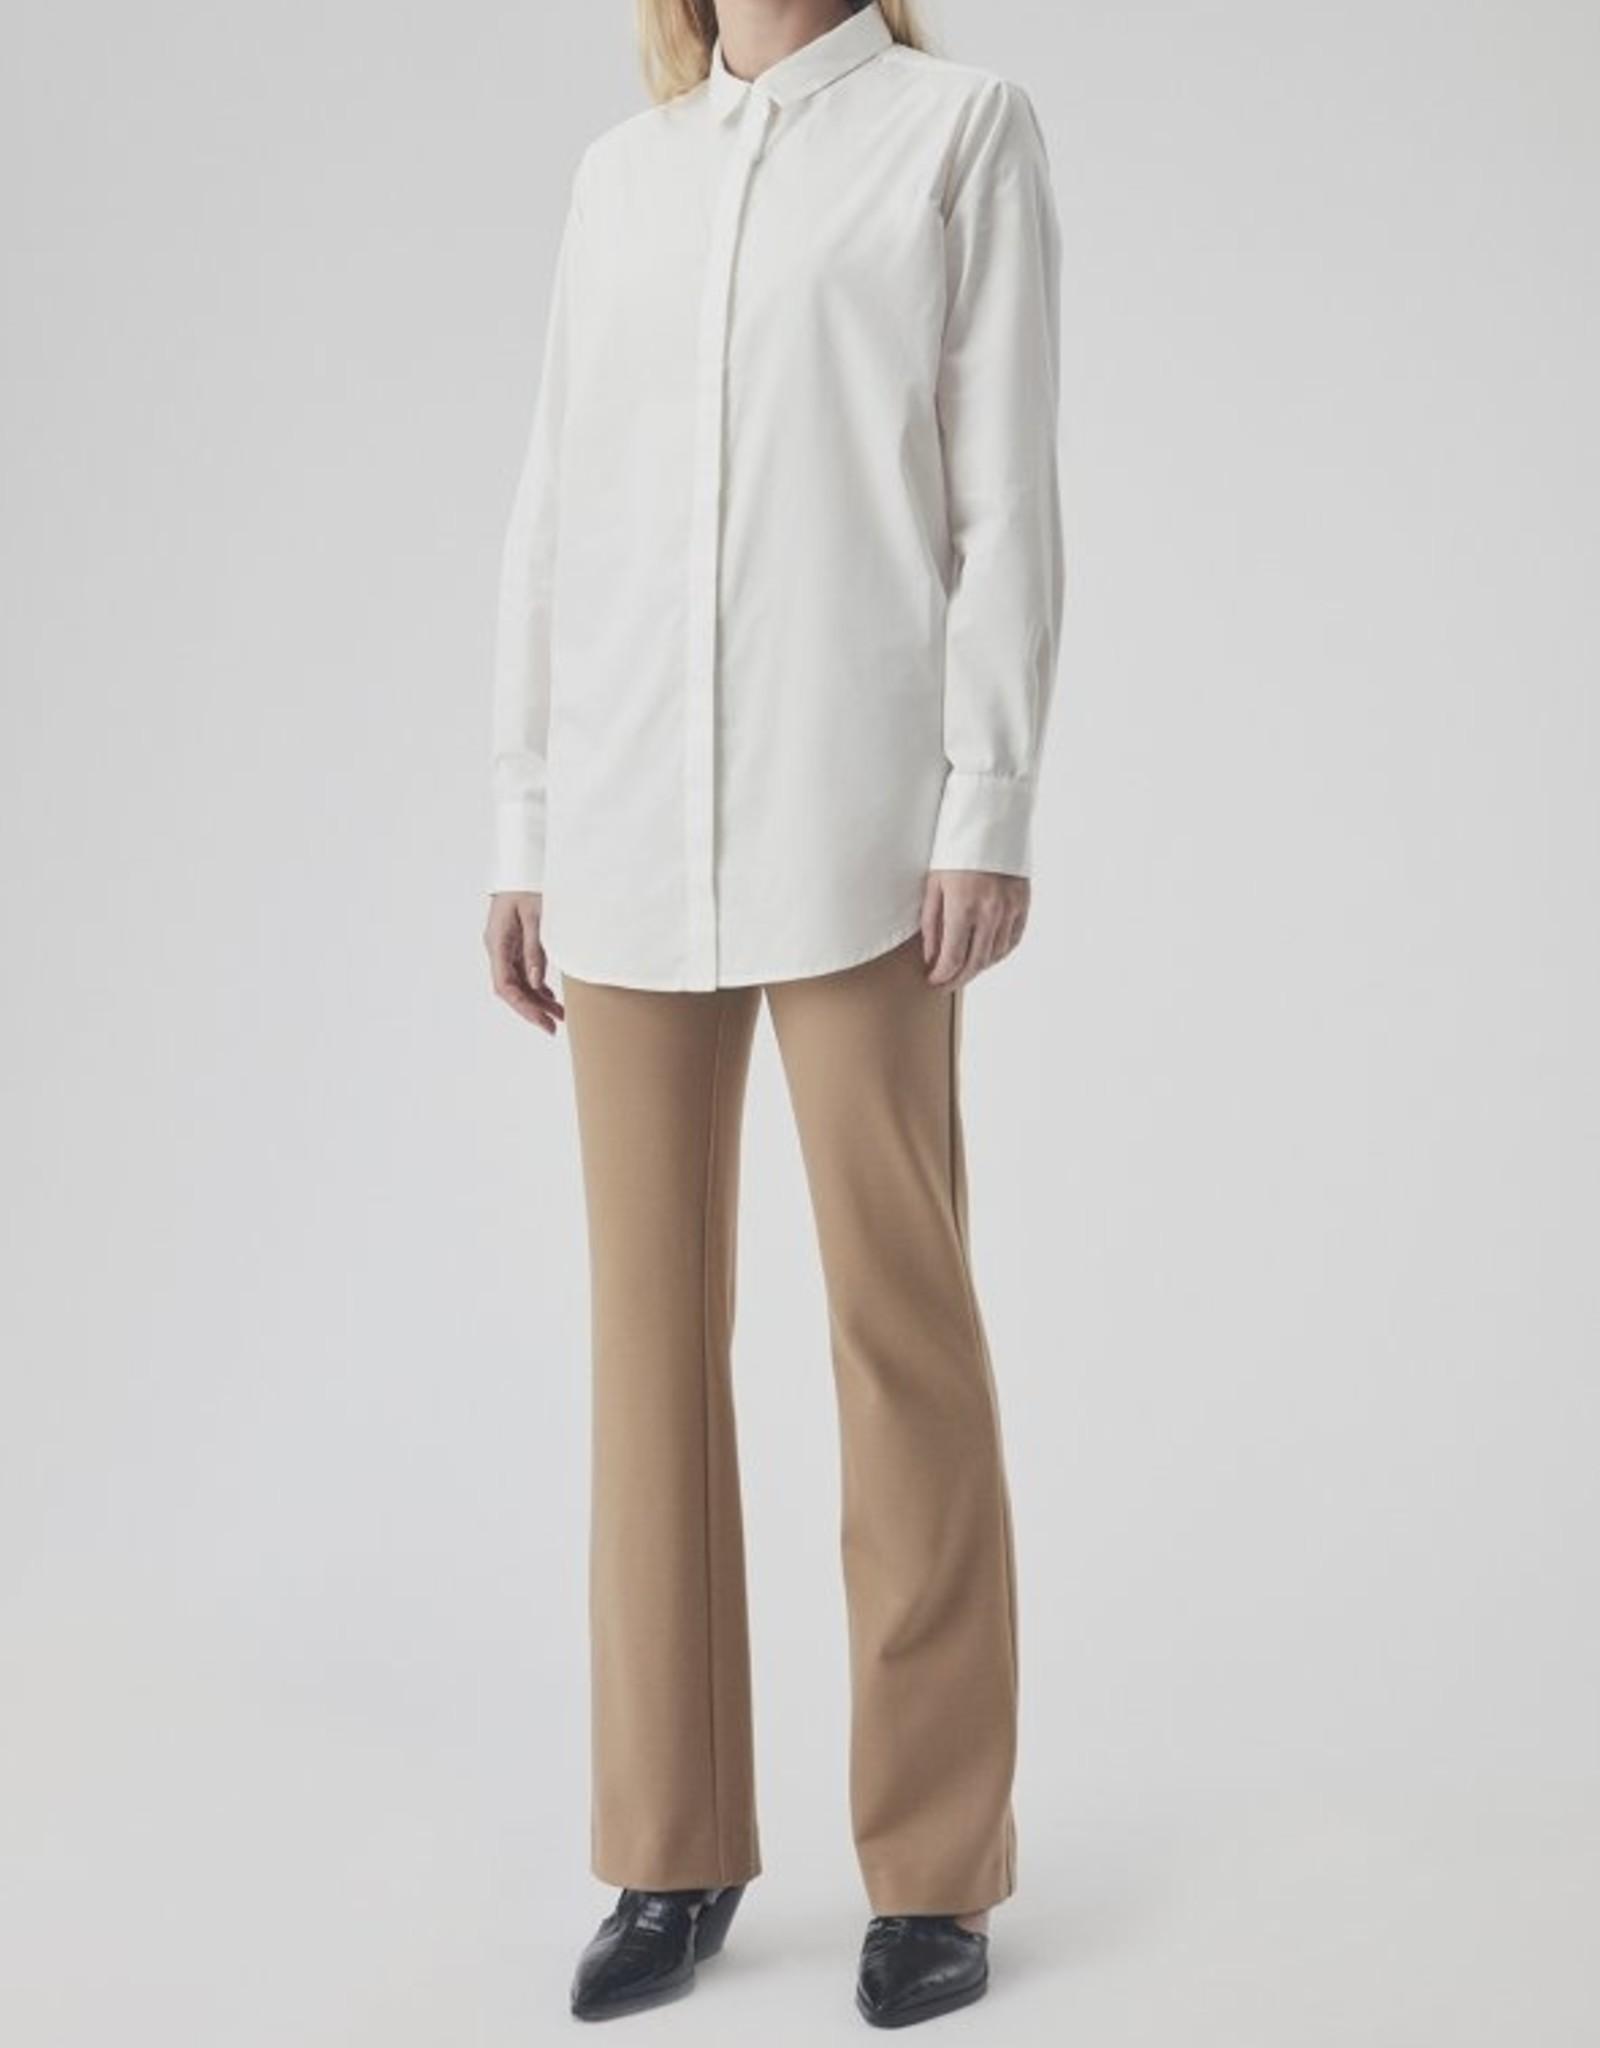 Modstrom Arthur Shirt Off White